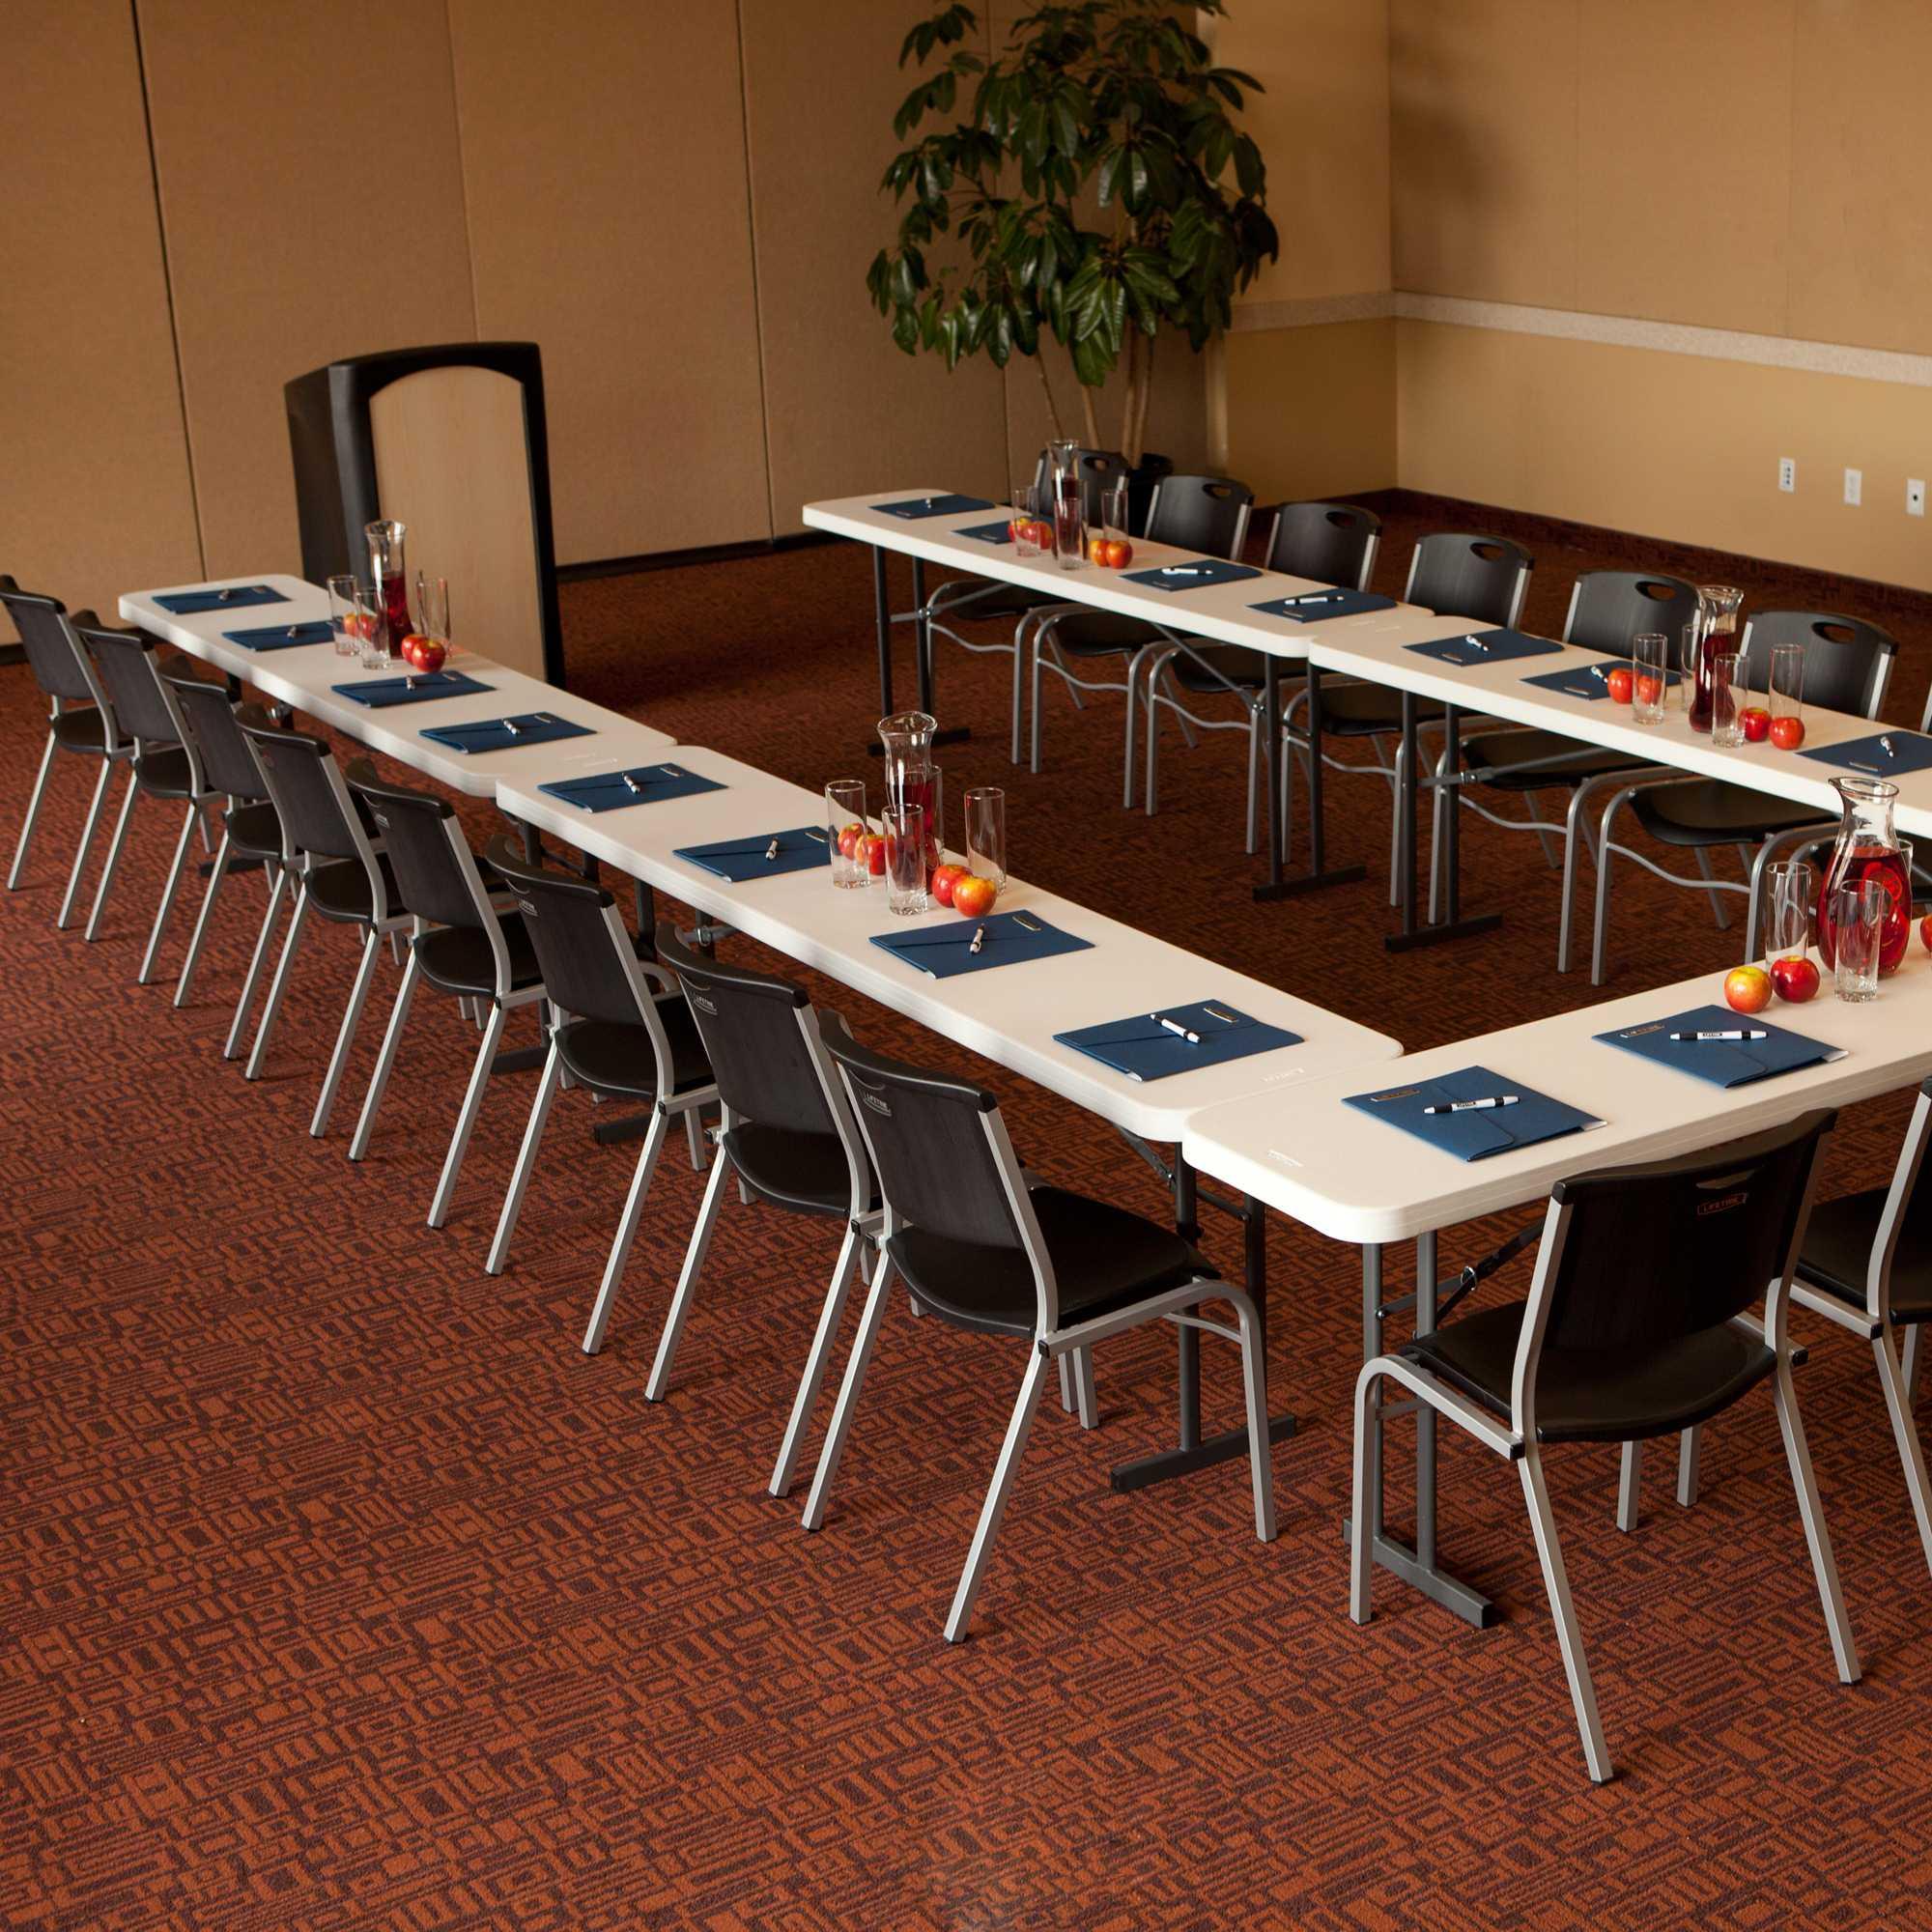 Lifetime 5 Pack 8 ft Commercial Folding Seminar Tables  White Granite 580177-Perfect for seminars.